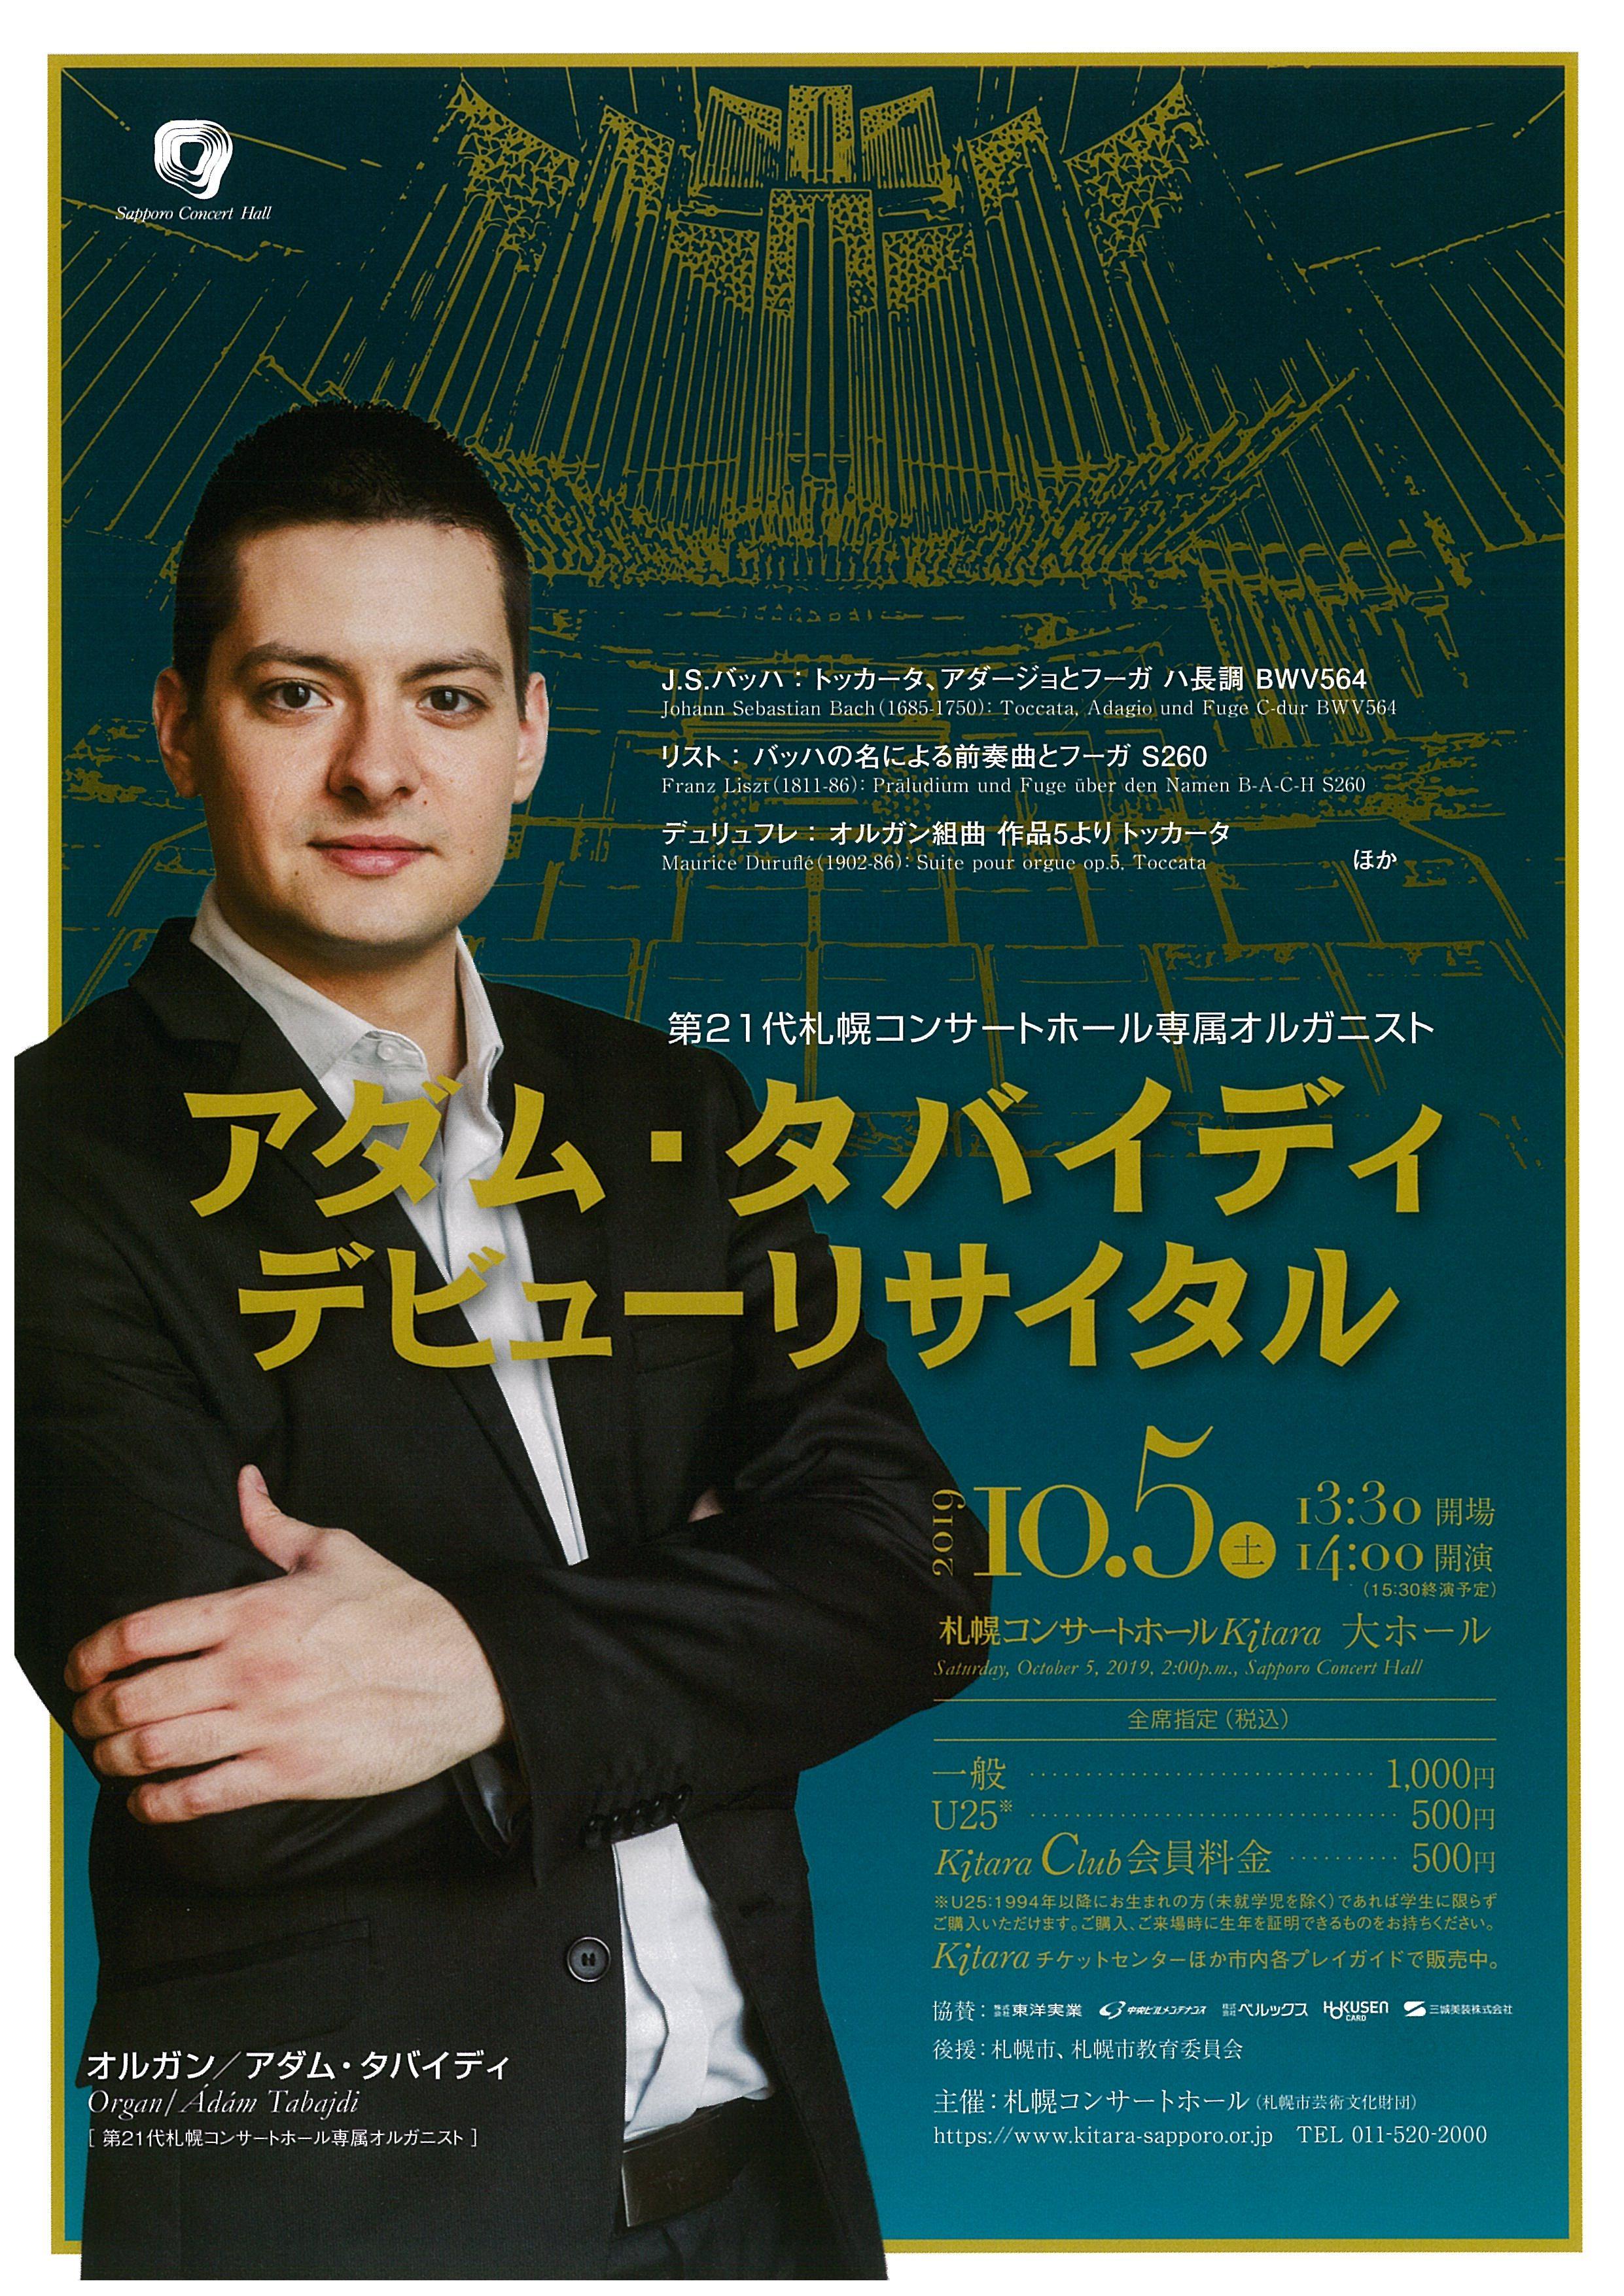 第21代札幌コンサートホール専属オルガニスト「アダム・タバイディ デビューリサイタル」 イメージ画像